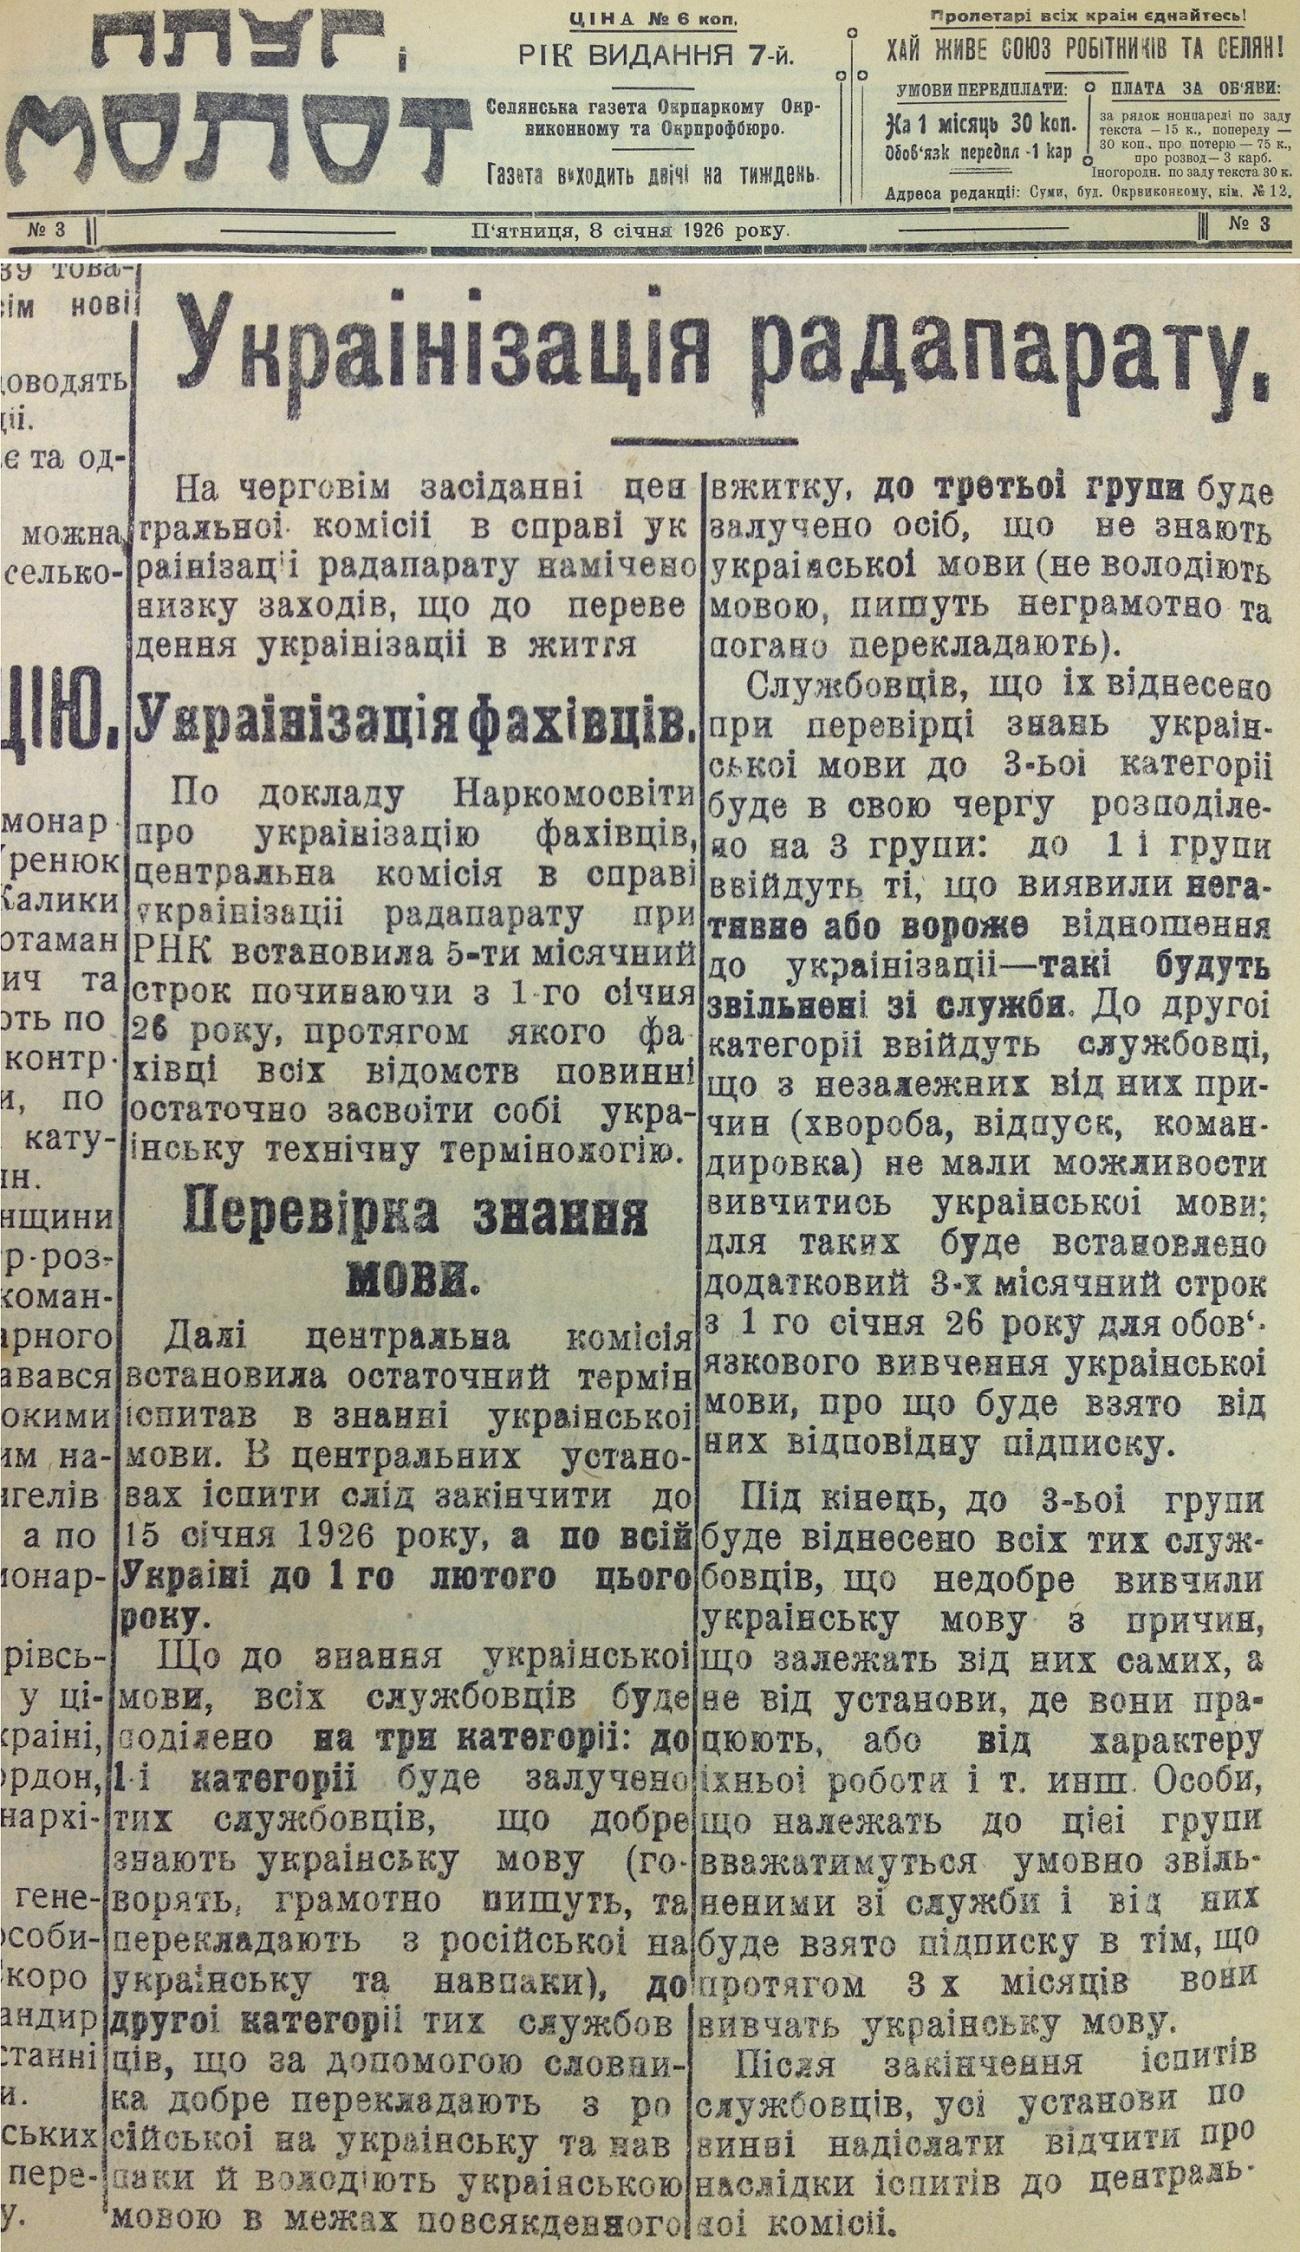 Украинизация - Сумы, Запорожье, Чернигов